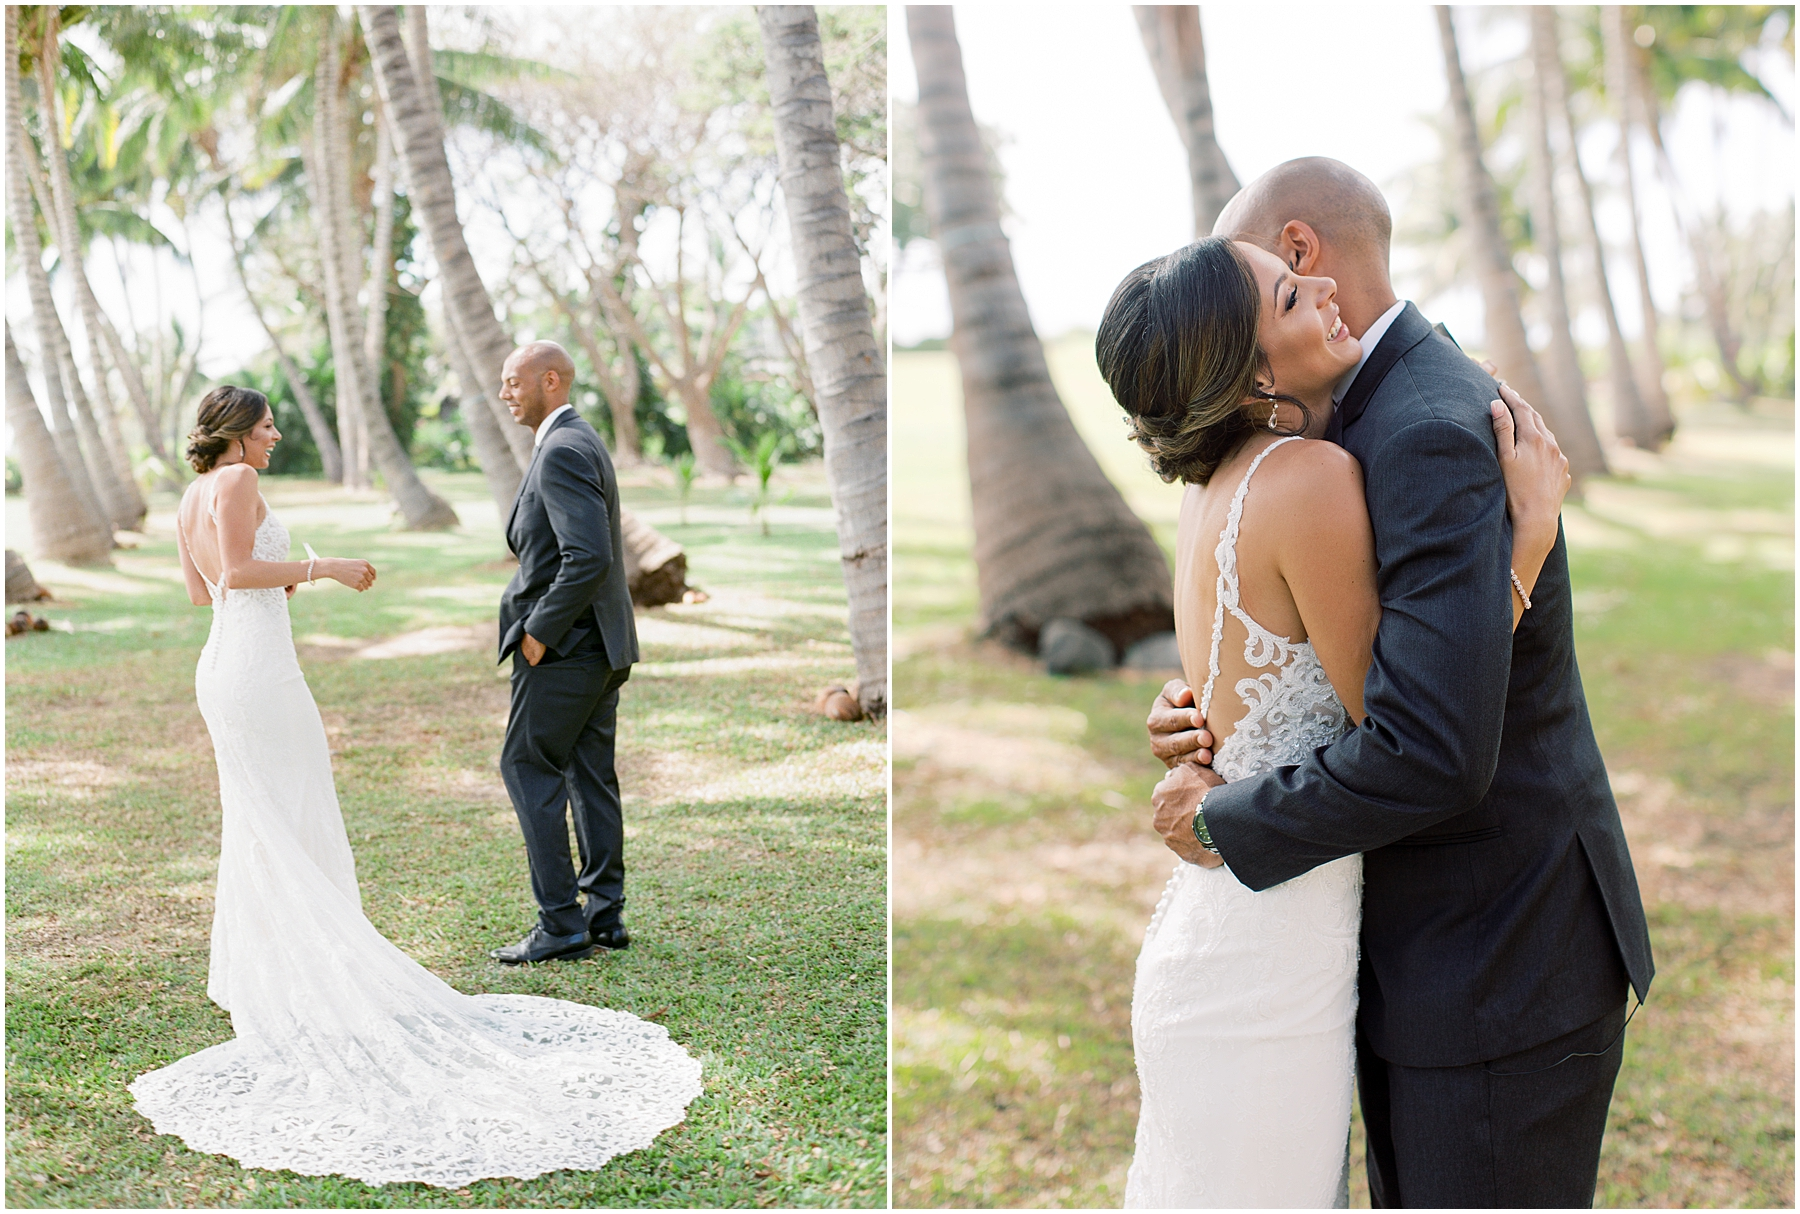 Olowalu-plantation-house-maui-hawaii-wedding-49.jpg